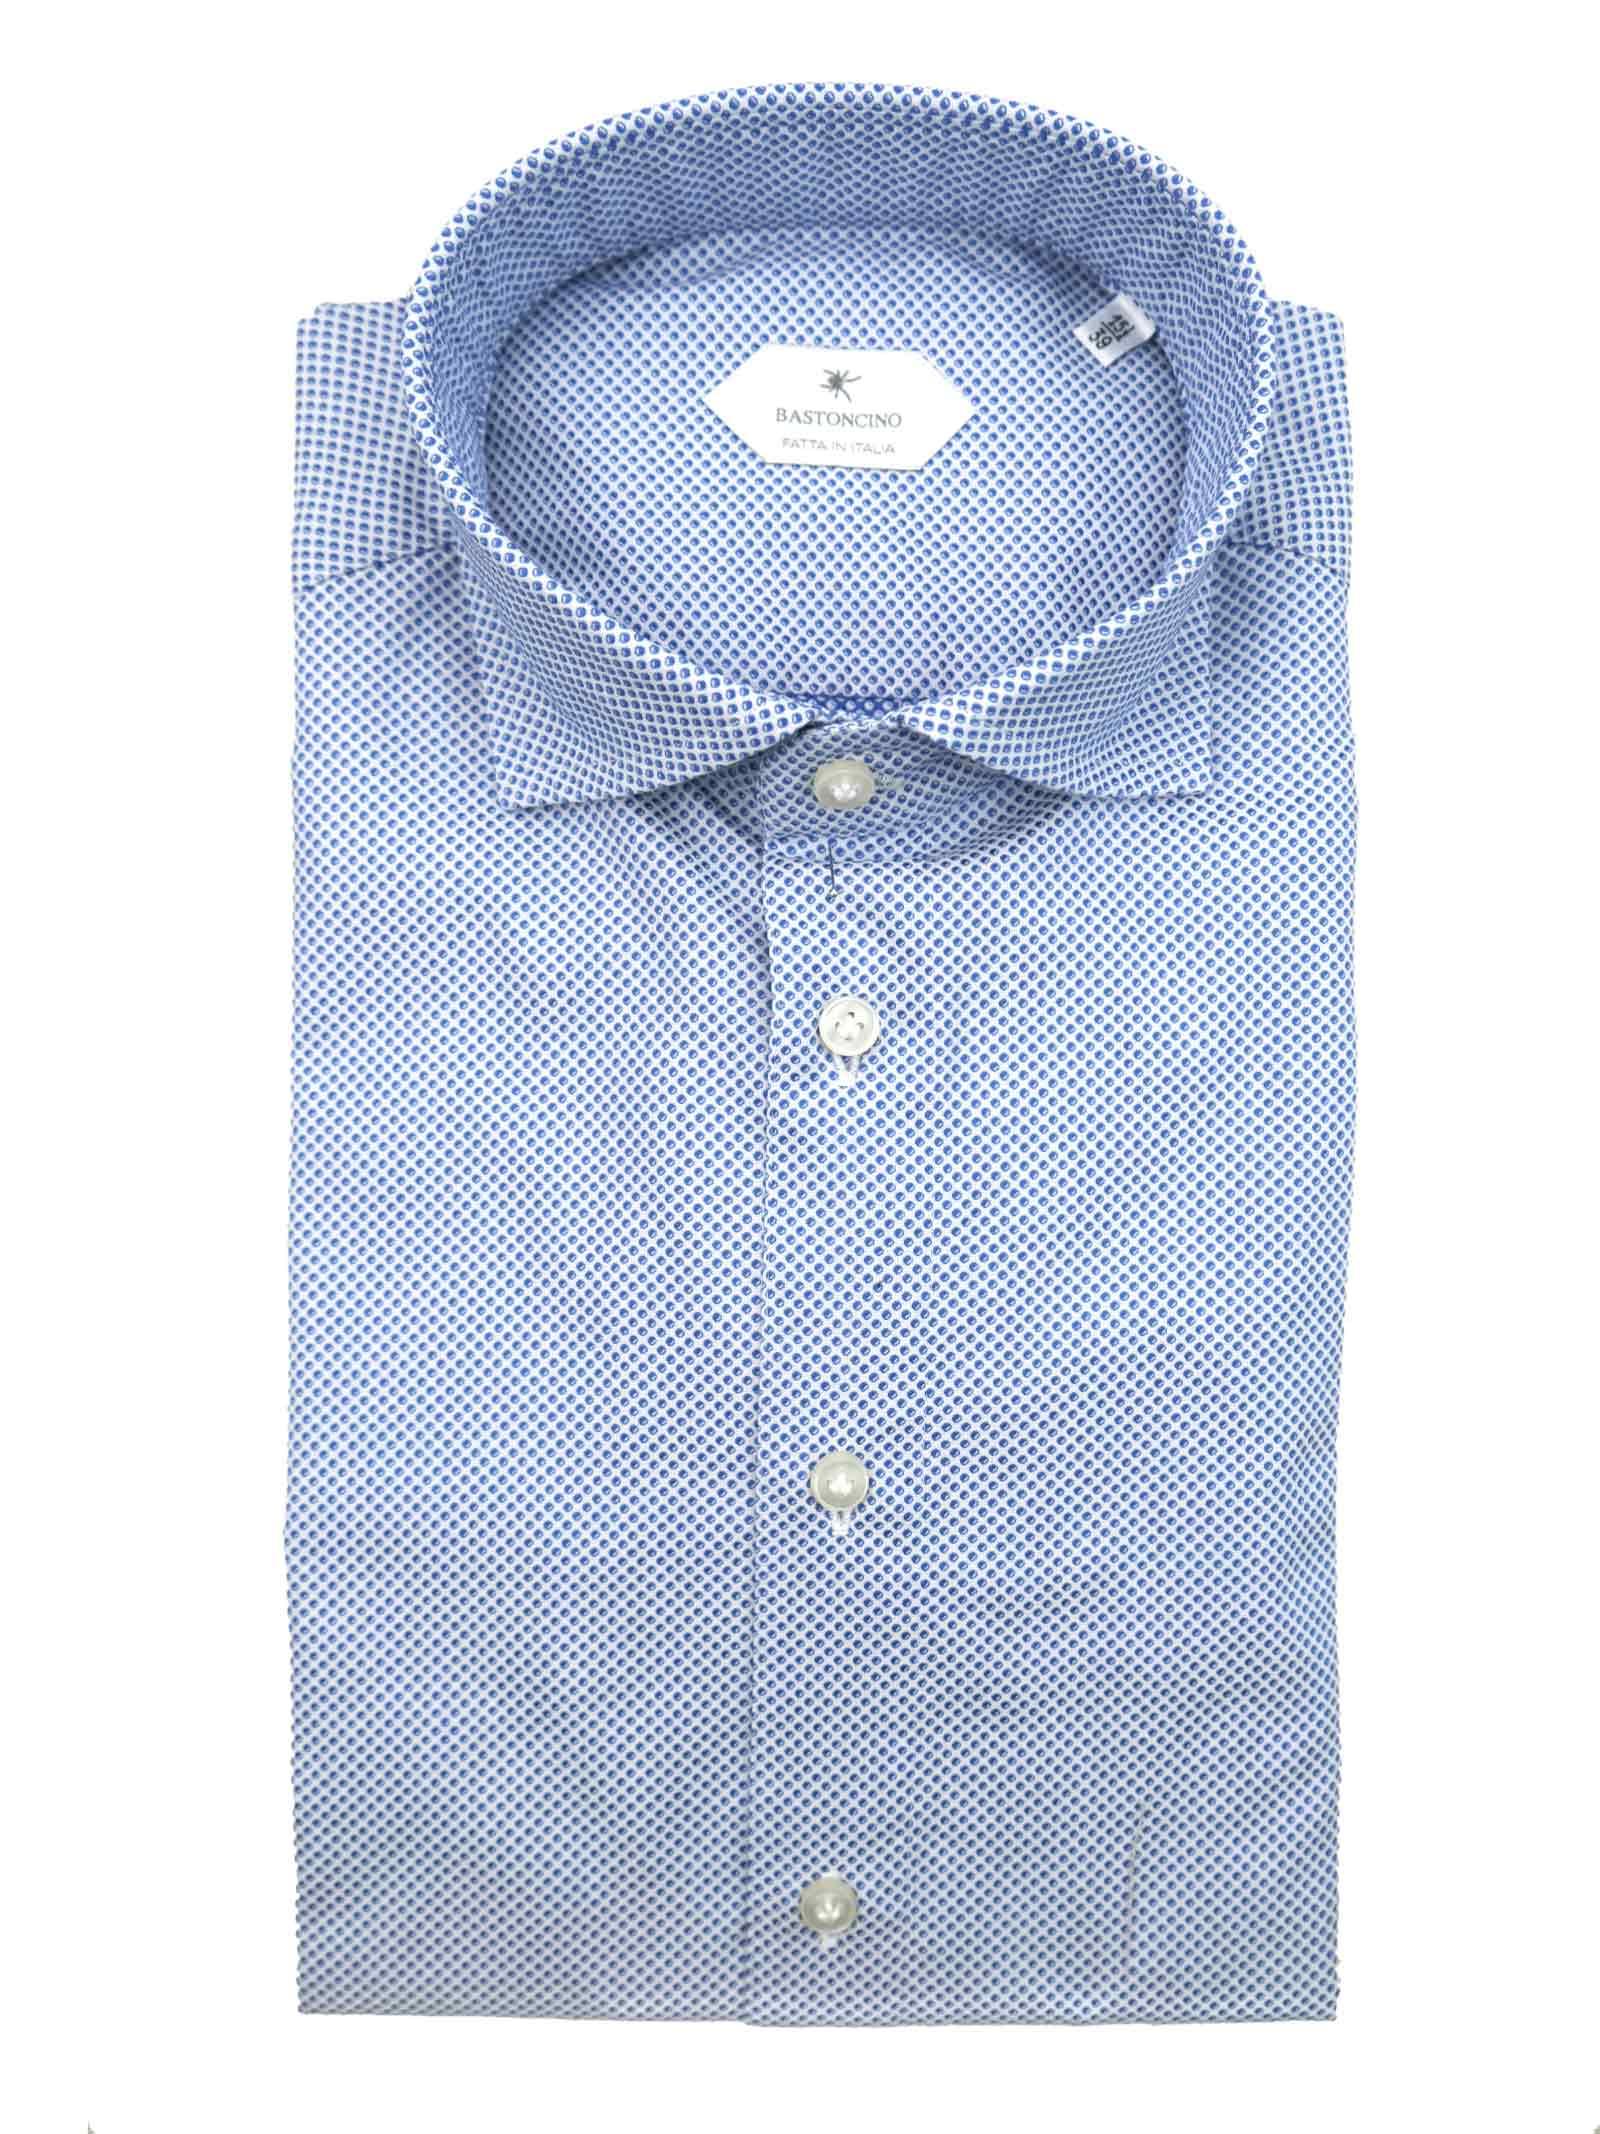 Printed shirt , semi slim fit , soft collar washed and softened BASTONCINO | Shirts | SIMOB1965 03